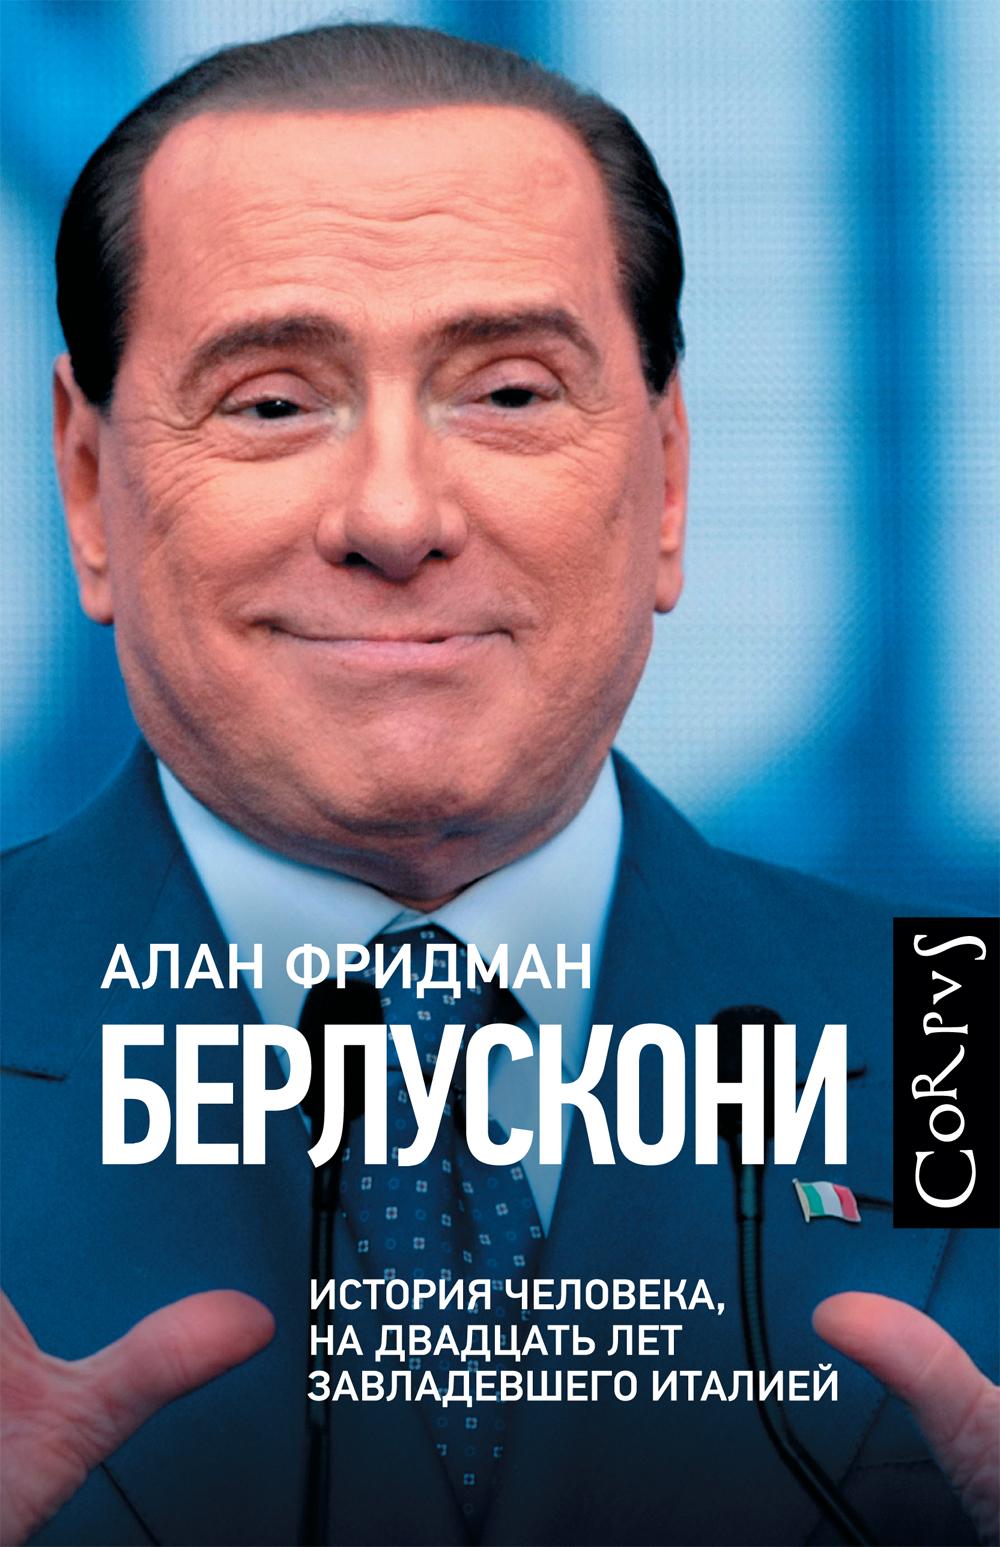 Алан Фридман Берлускони. Человек, который двадцать лет обладал Италией азаров н я украина на перепутье записки премьер министра